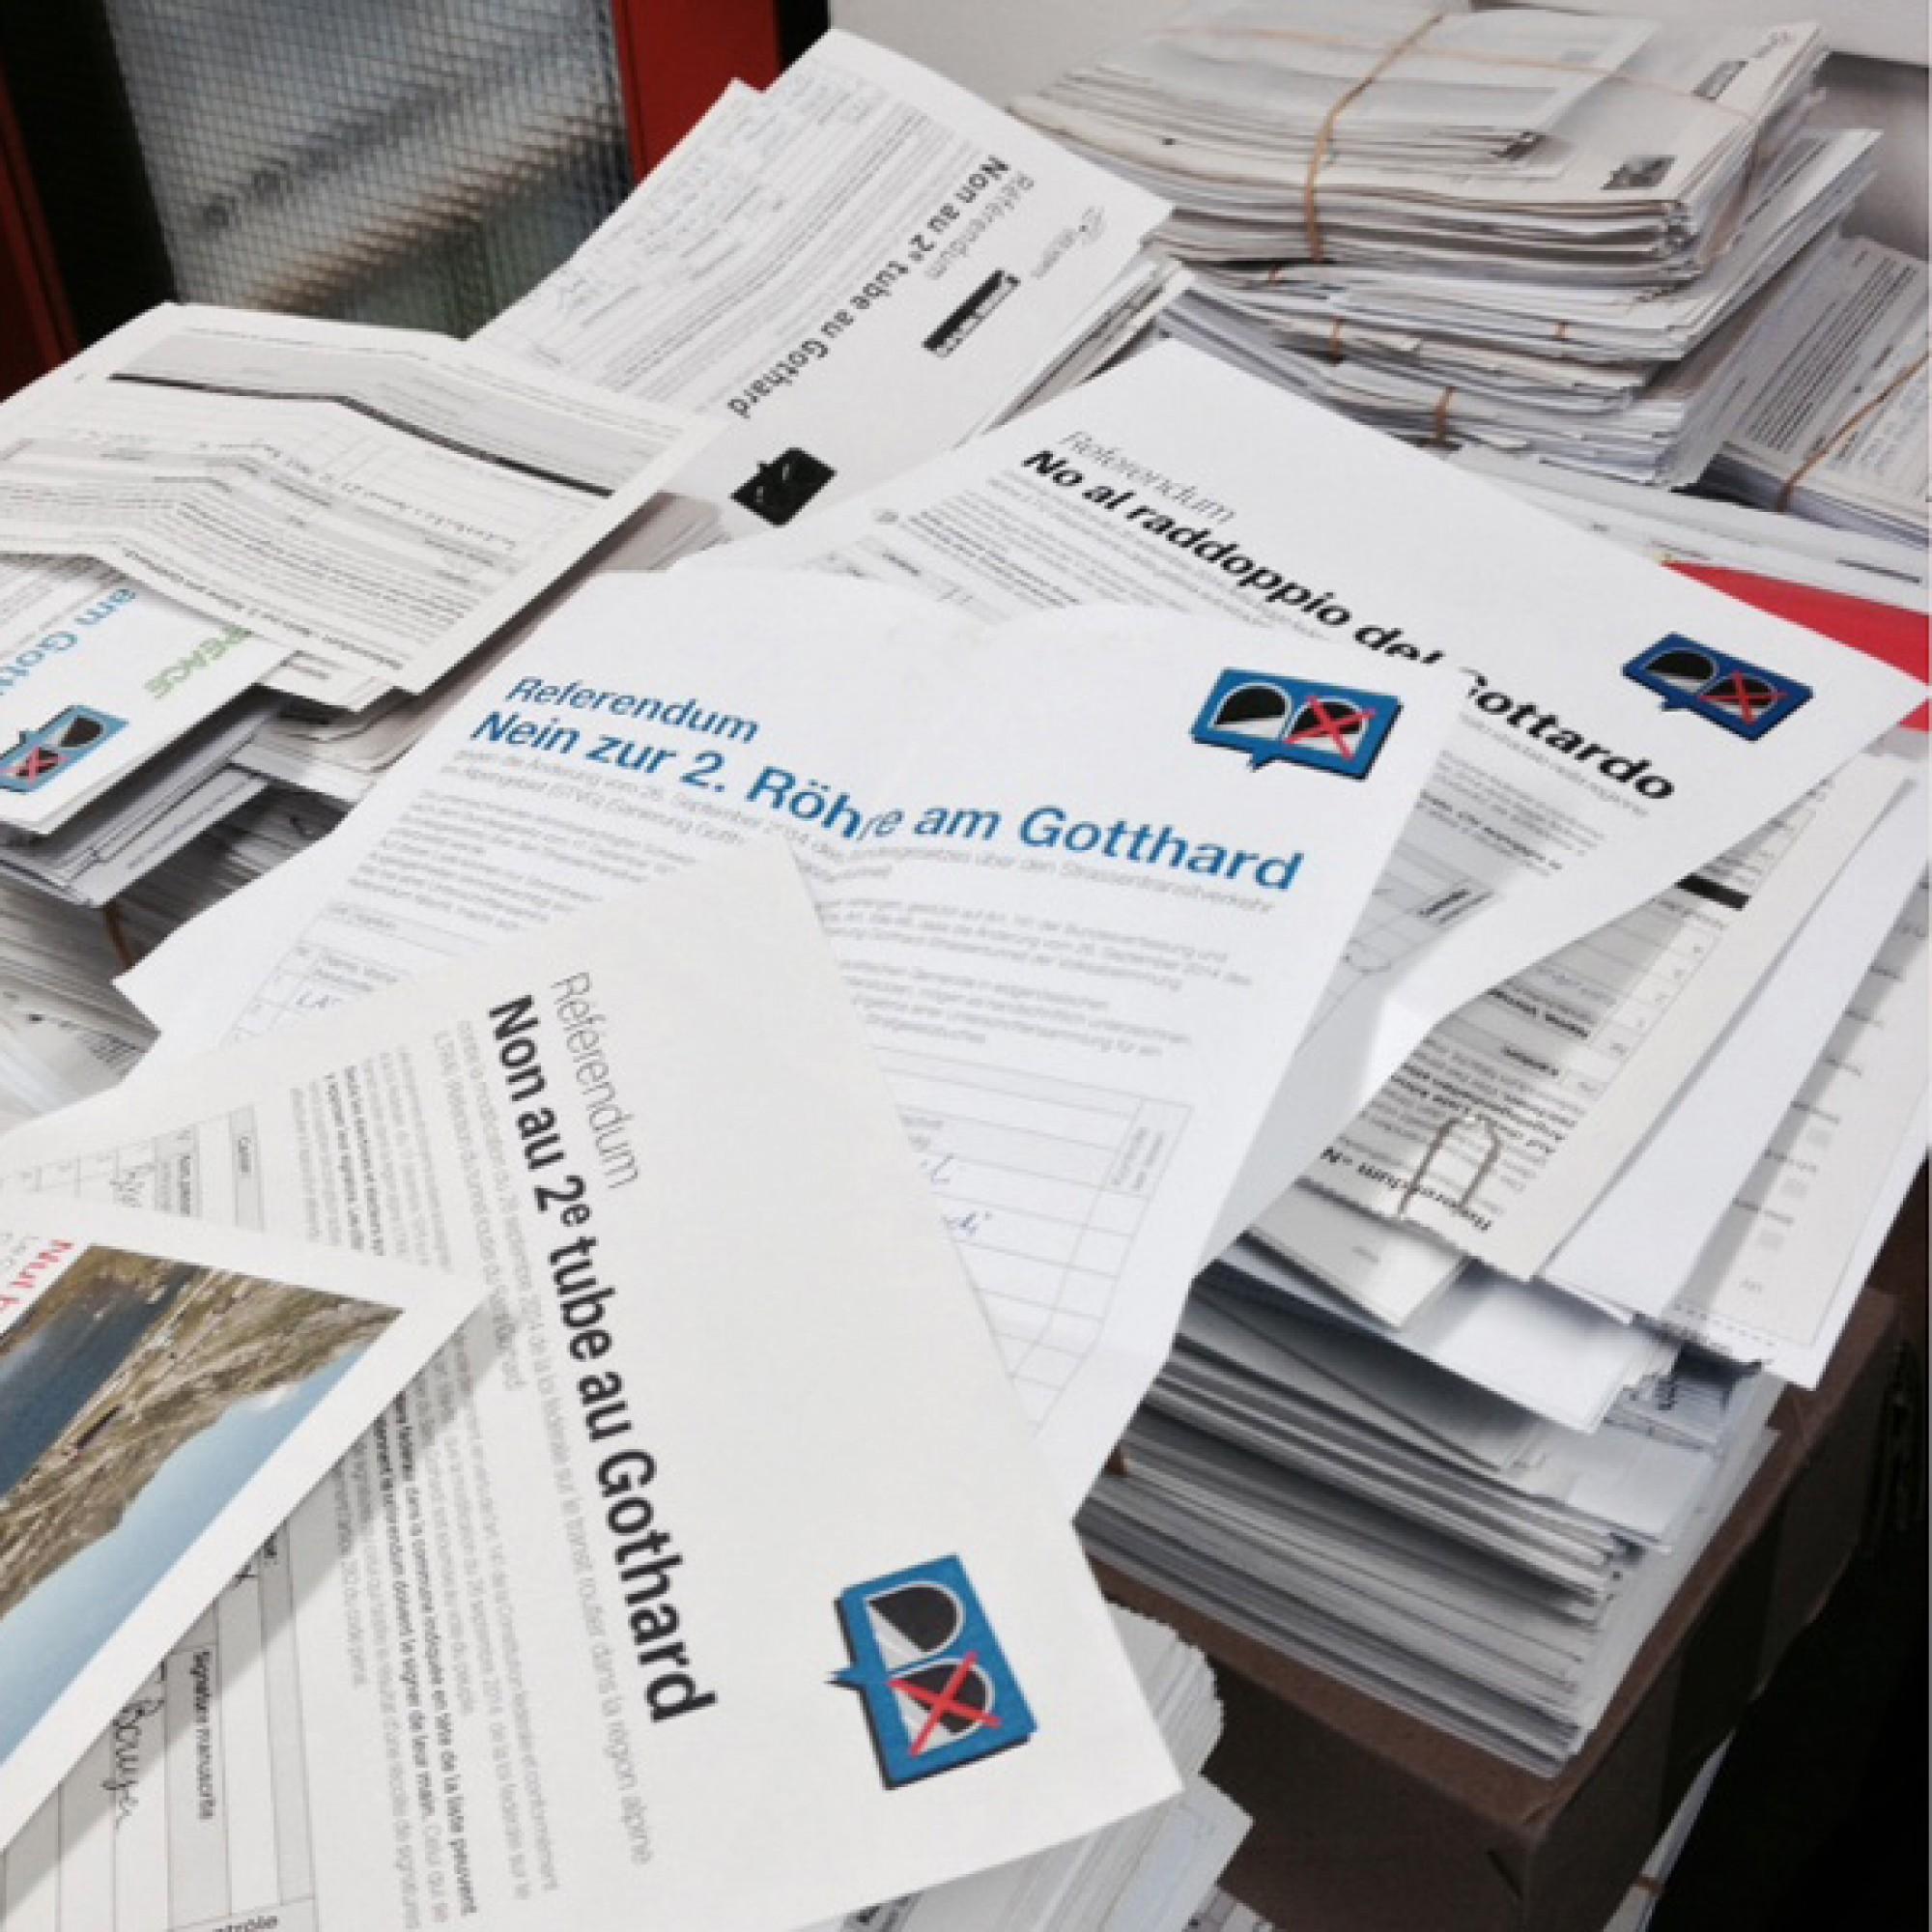 125'573 Personen haben das Referendum unterschrieben  (zvg)